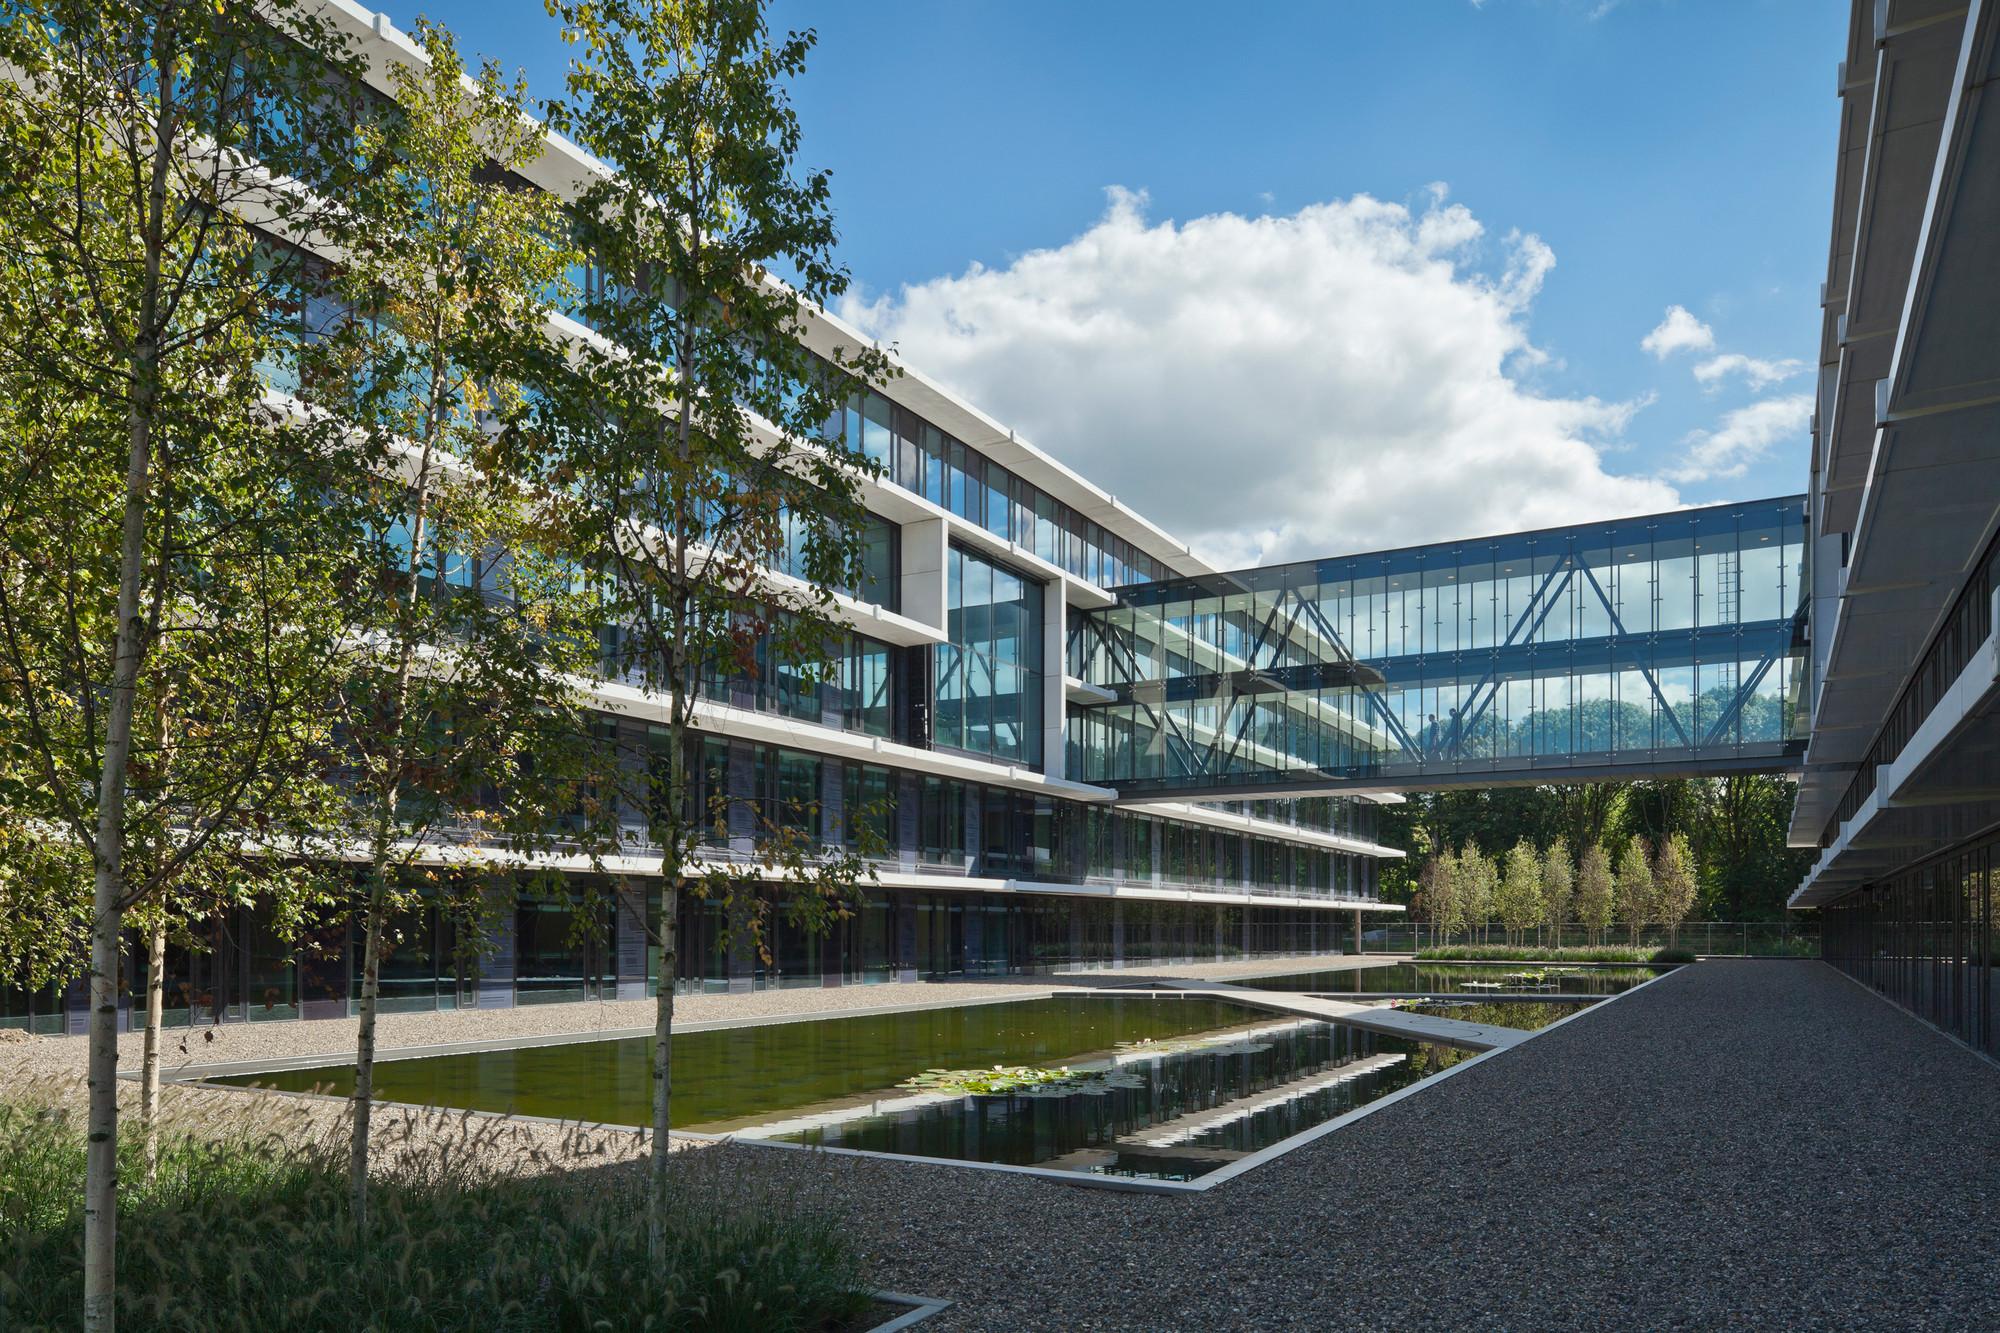 Kromhout Barracks / Karres en Brands + Meyer en Van Schooten Architecten, © Jannes Linders